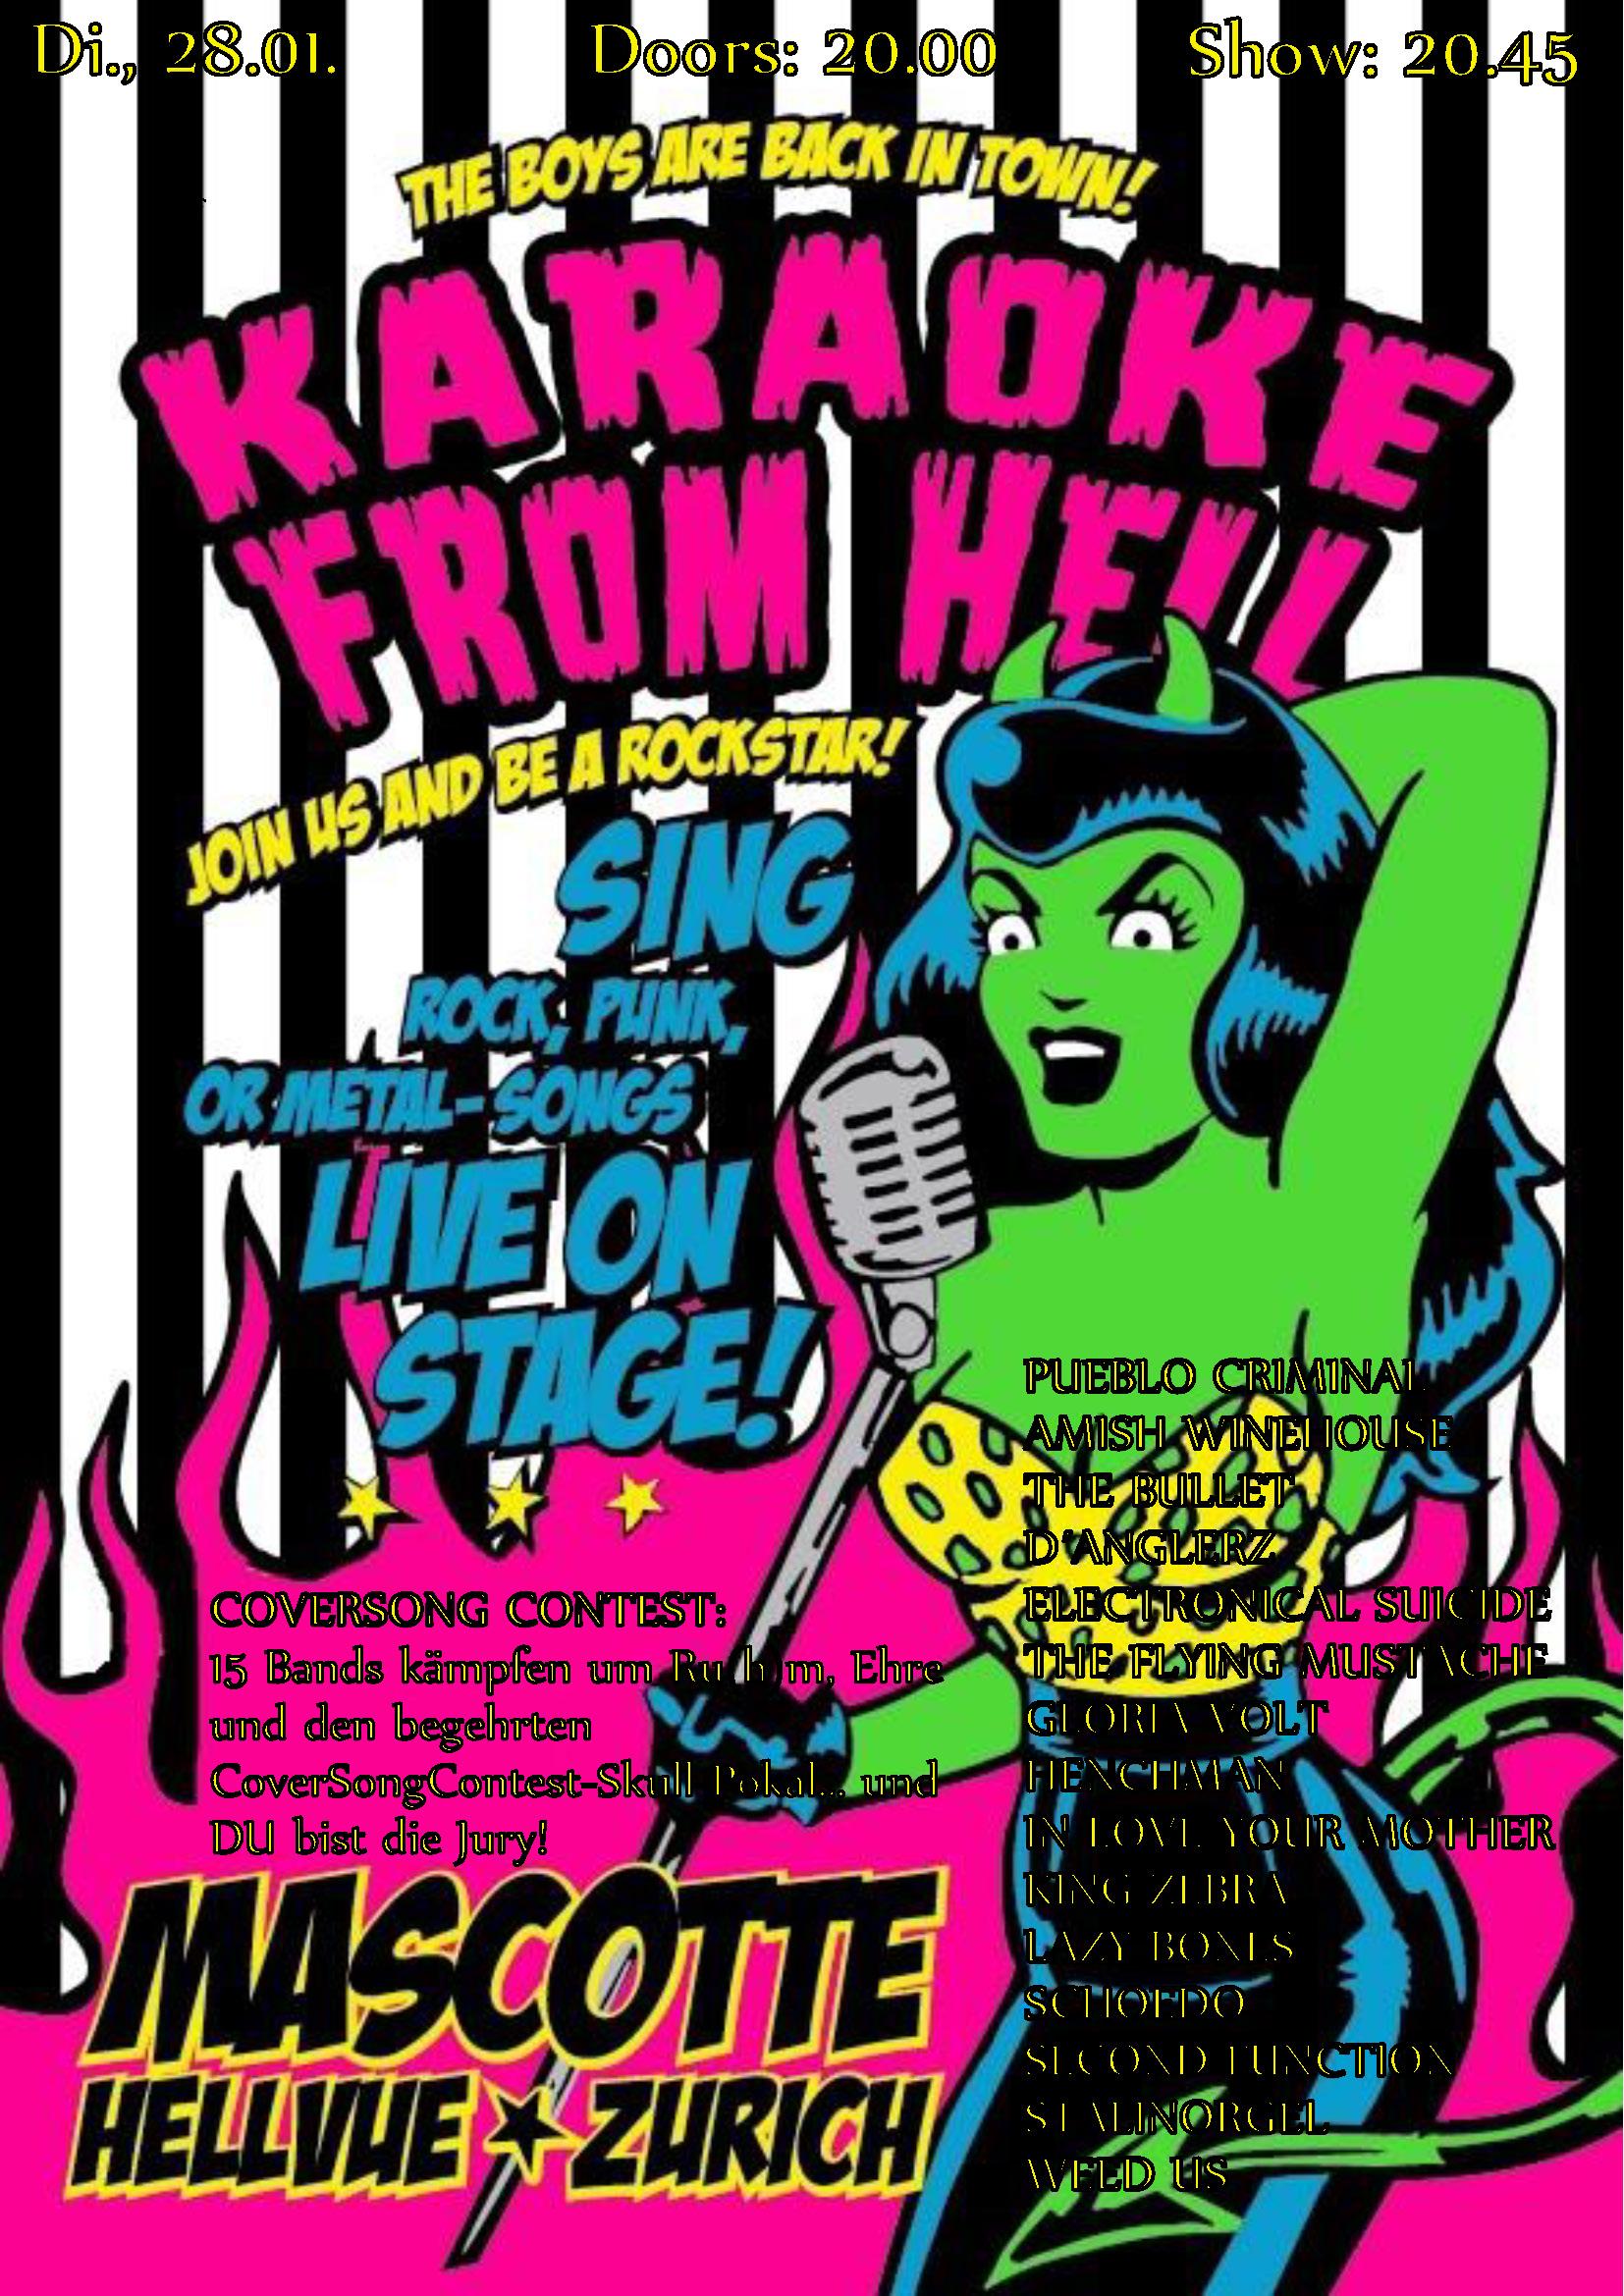 Mascotte Coversong Contest 2014 - Flyer - 28.01.2014 - PUEBLO CRIMINAL